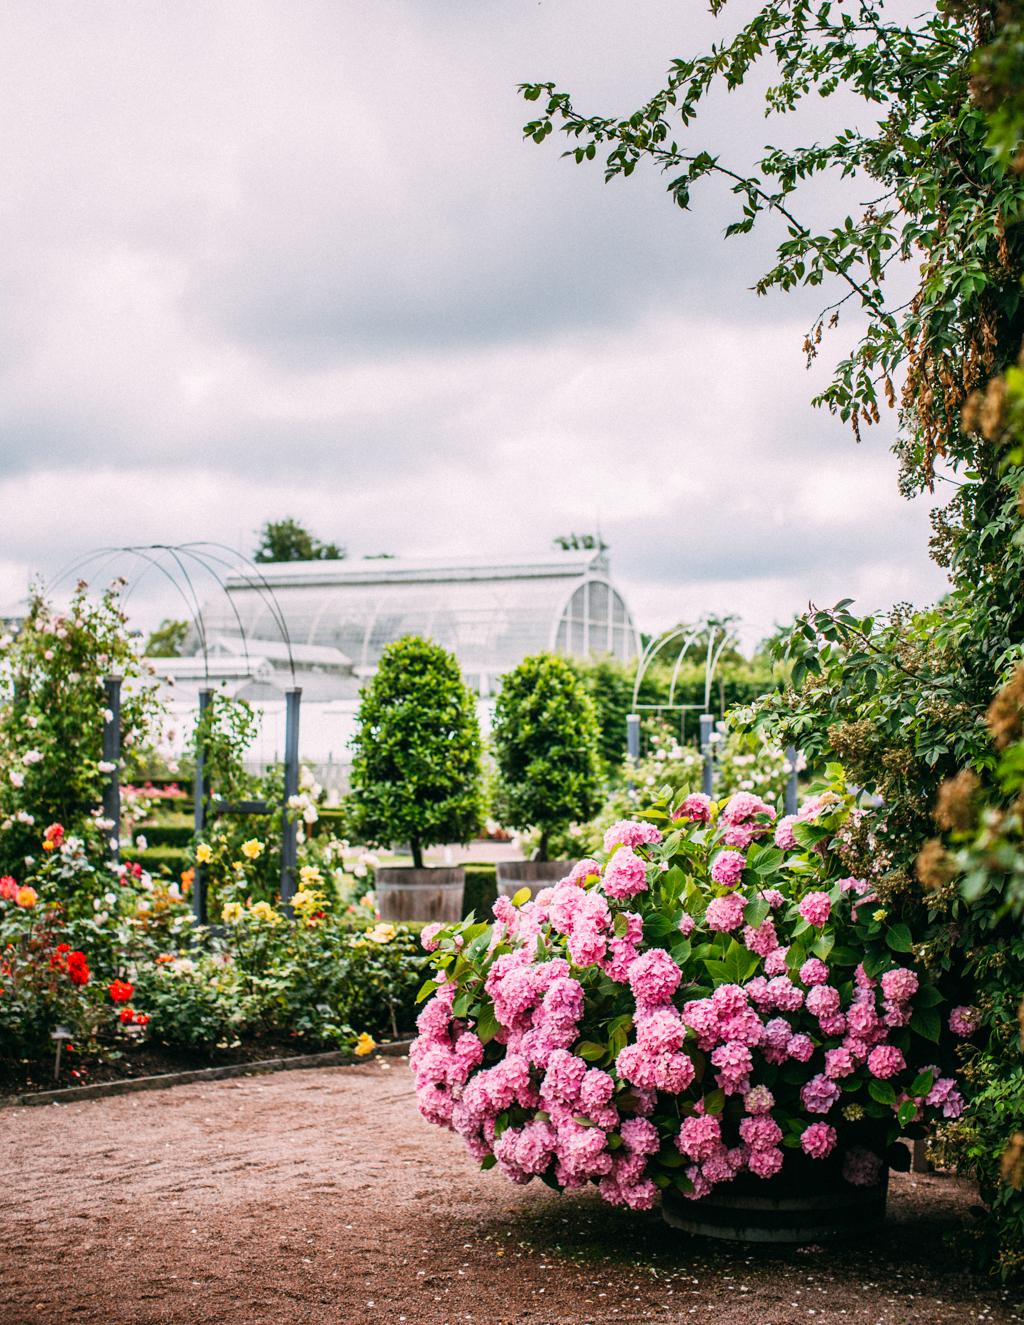 garden2_kristin lagerqvist-8232